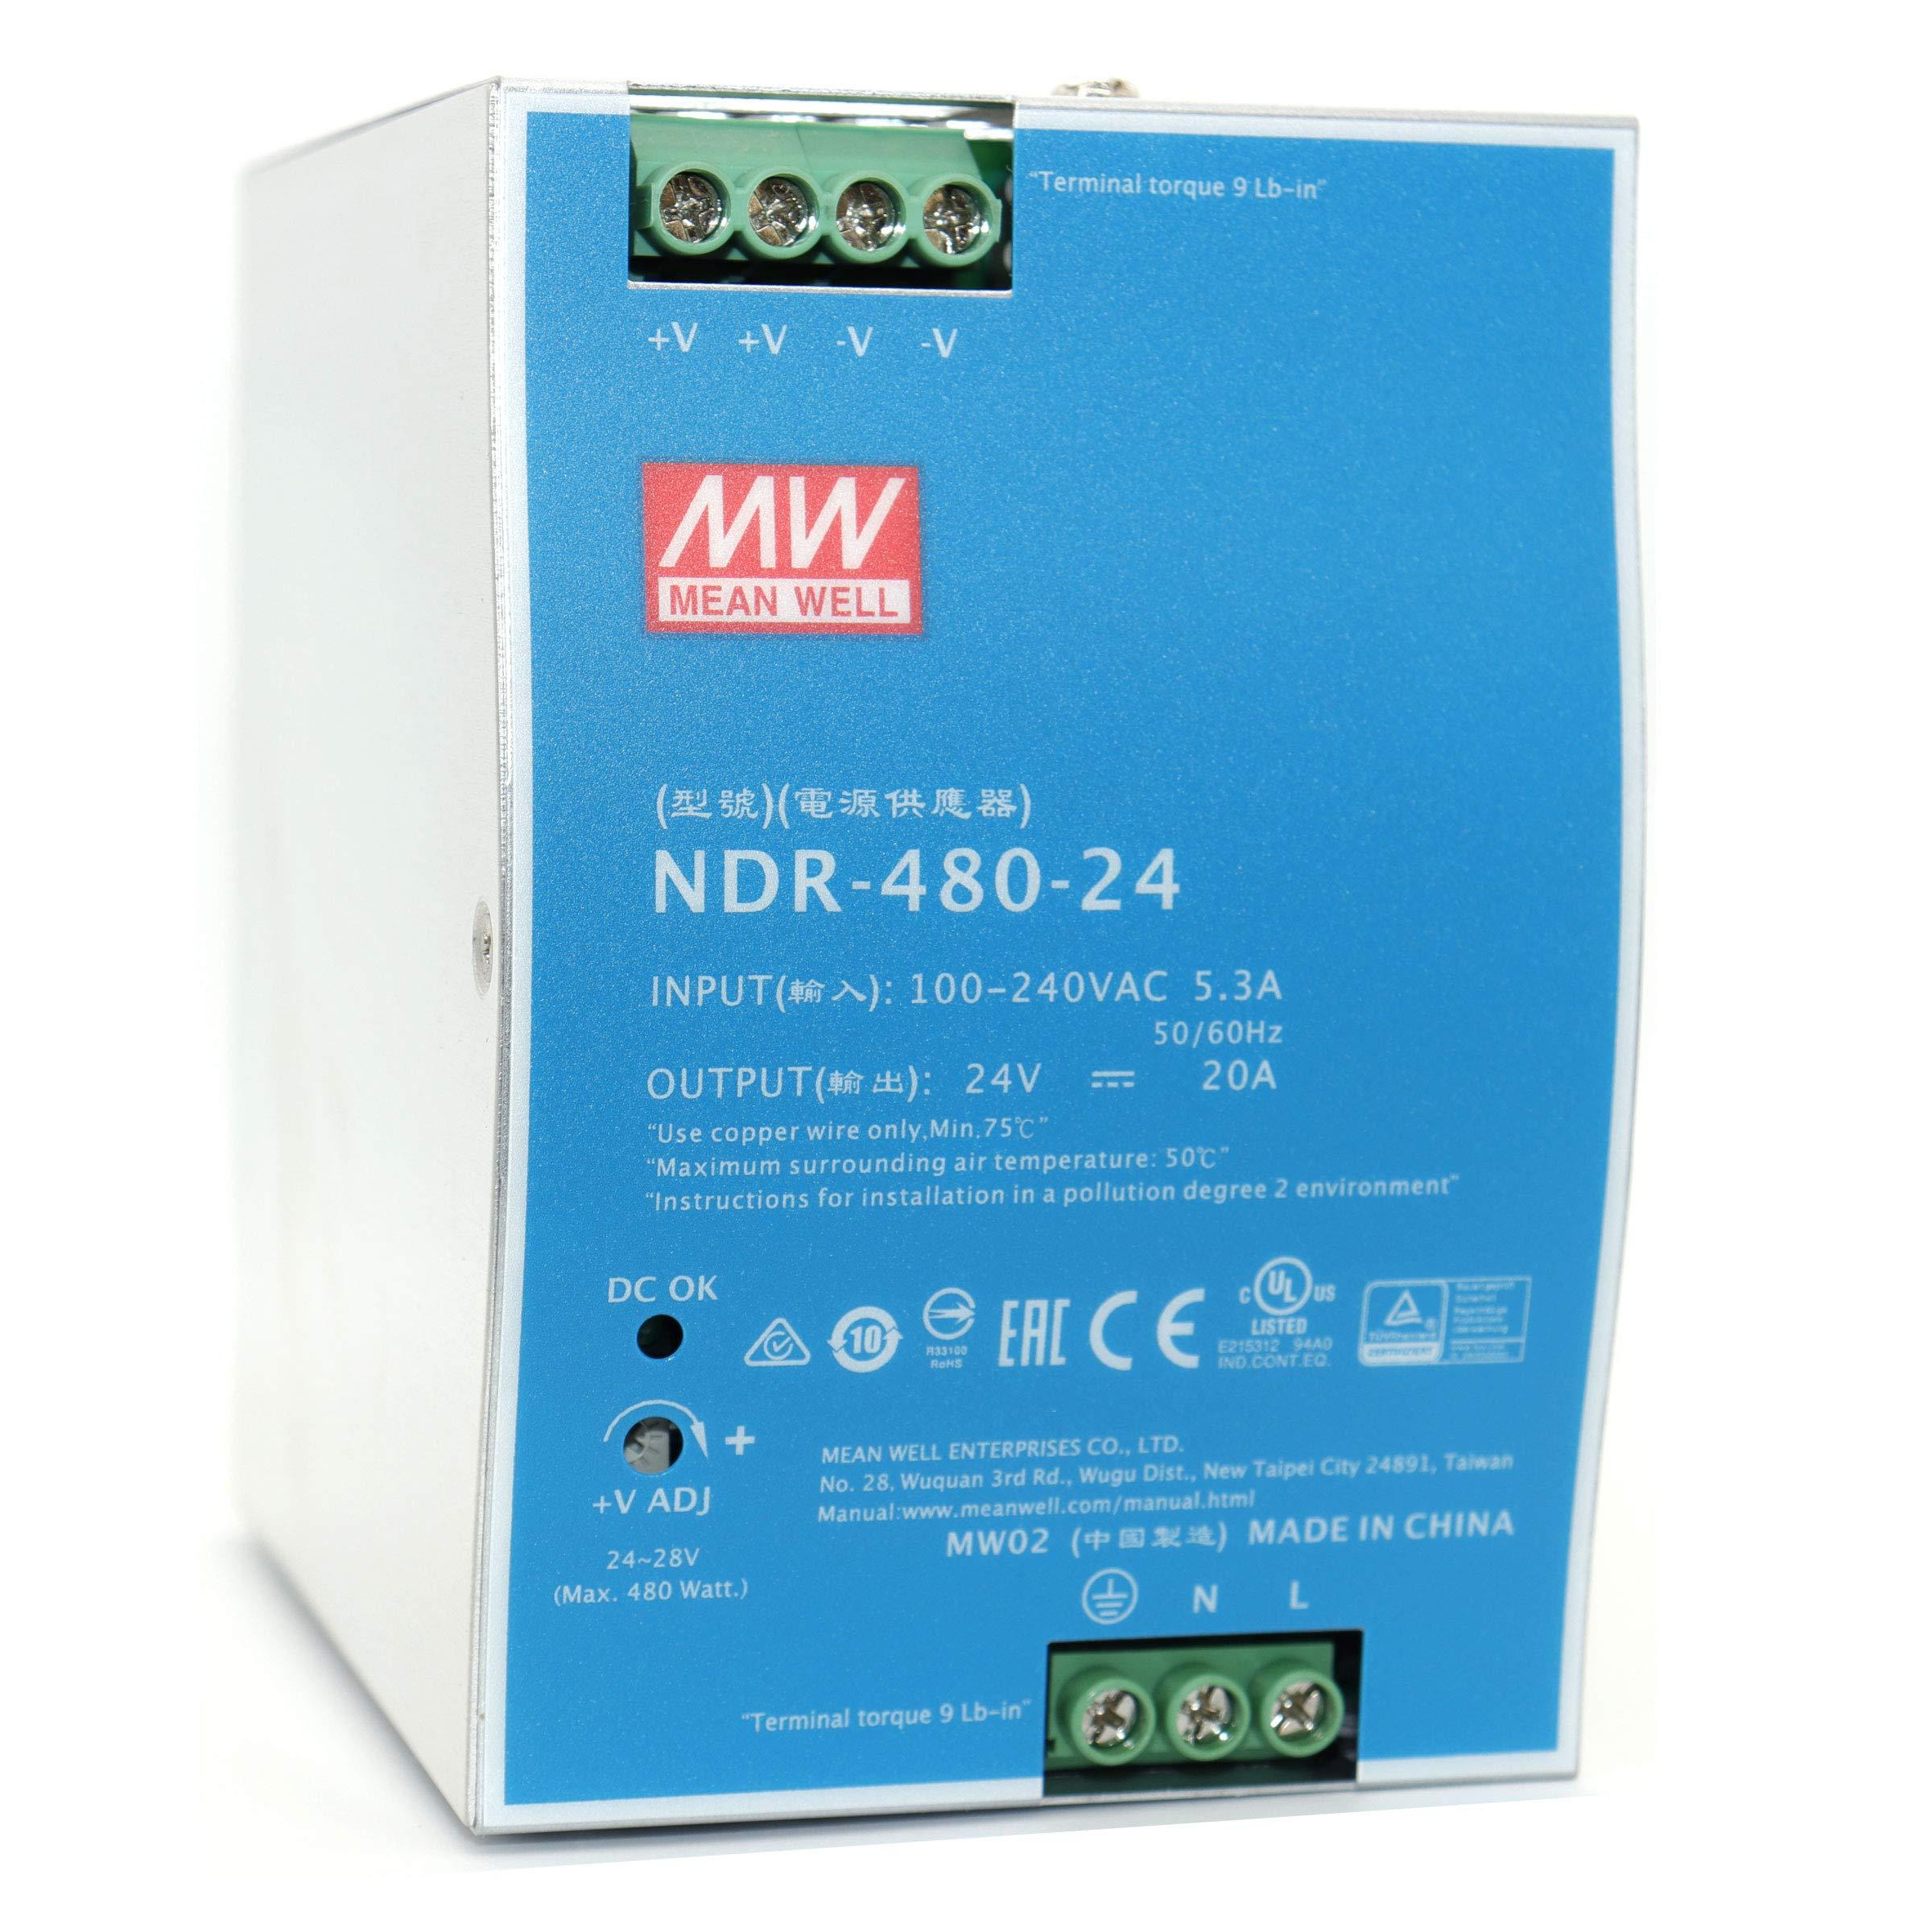 Nguồn tổ ong MEANWELL 24V 20A / NDR-480-24 có chống nhiễu lắp cho tủ điện